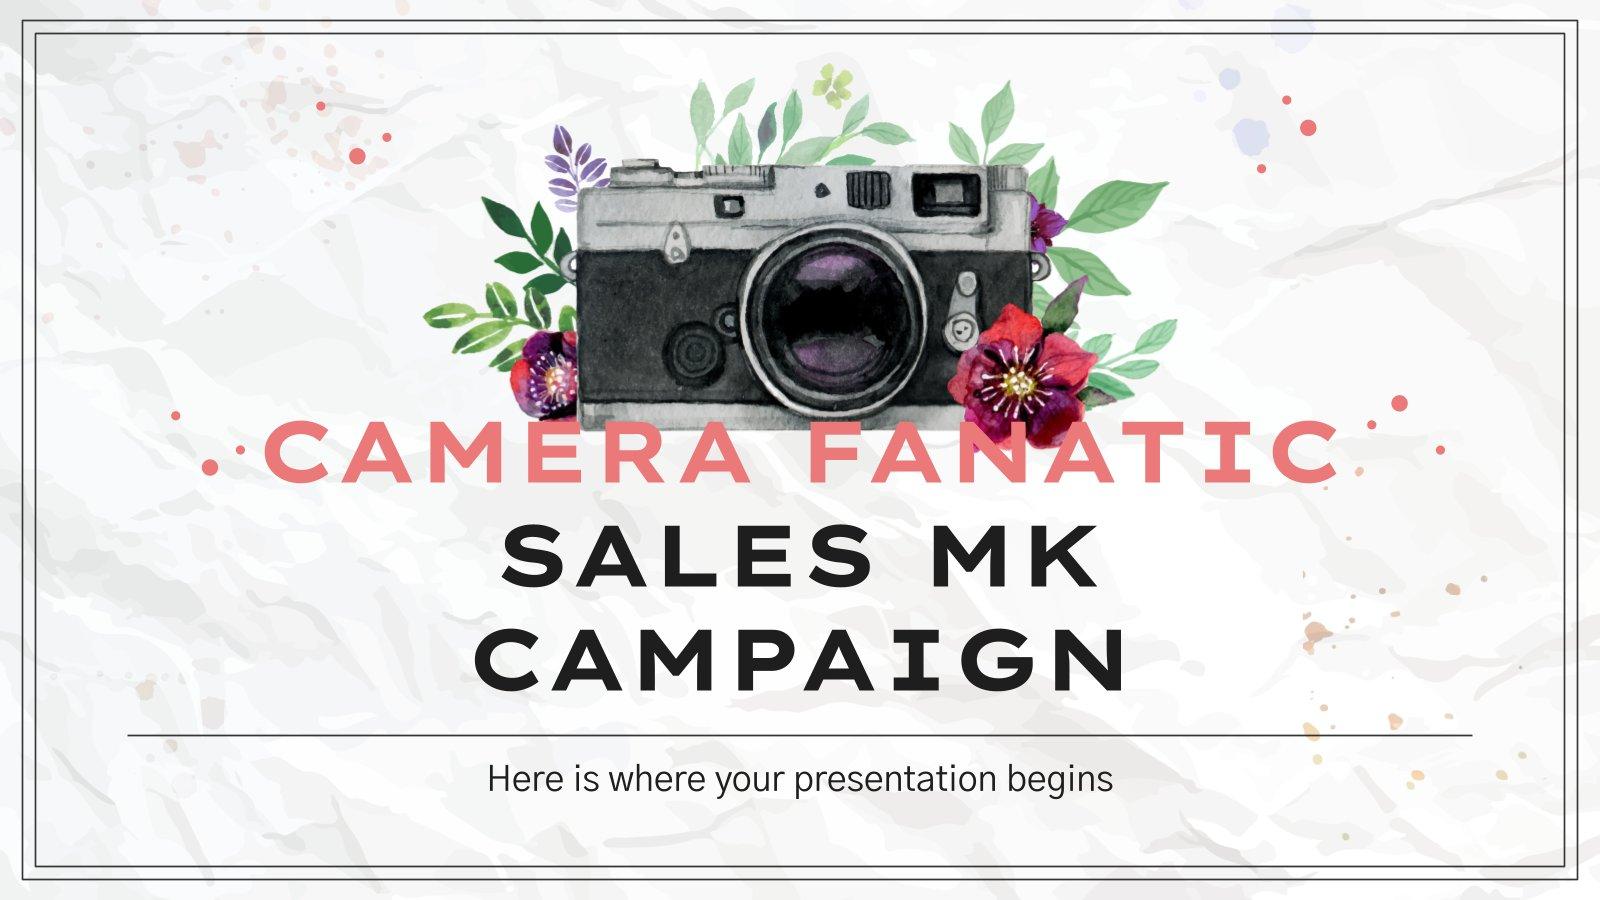 Campagne de marketing pour les fanatiques des appareils photo : Modèles de présentation